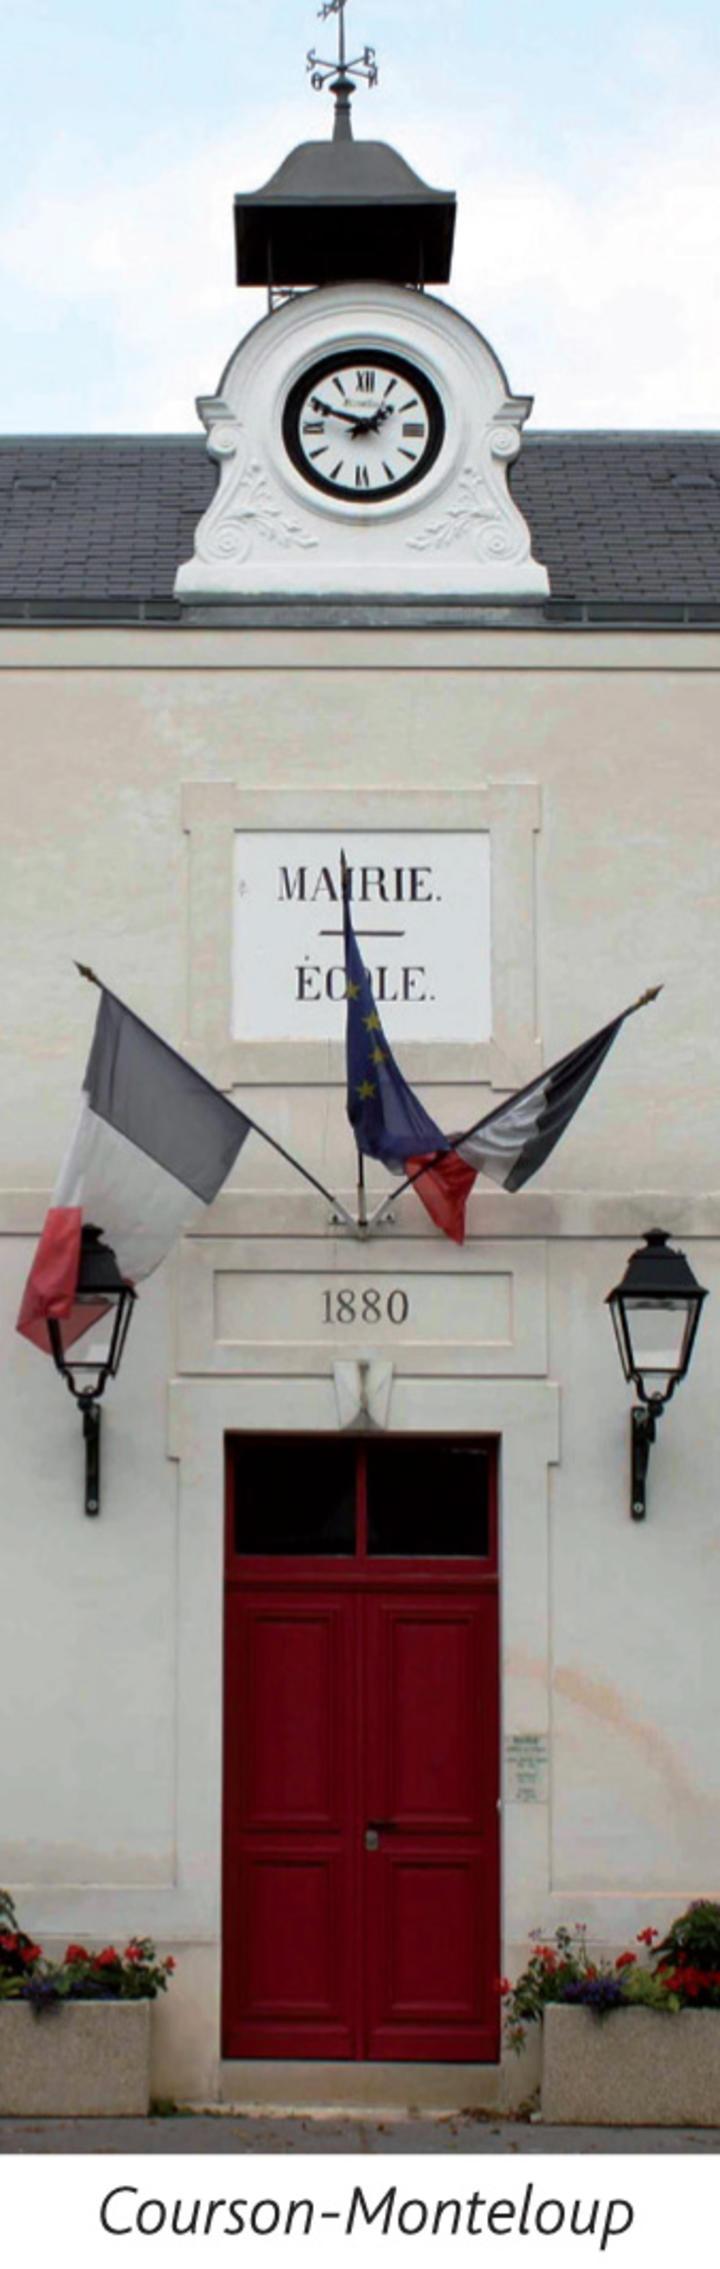 Mairie Ecole Courson